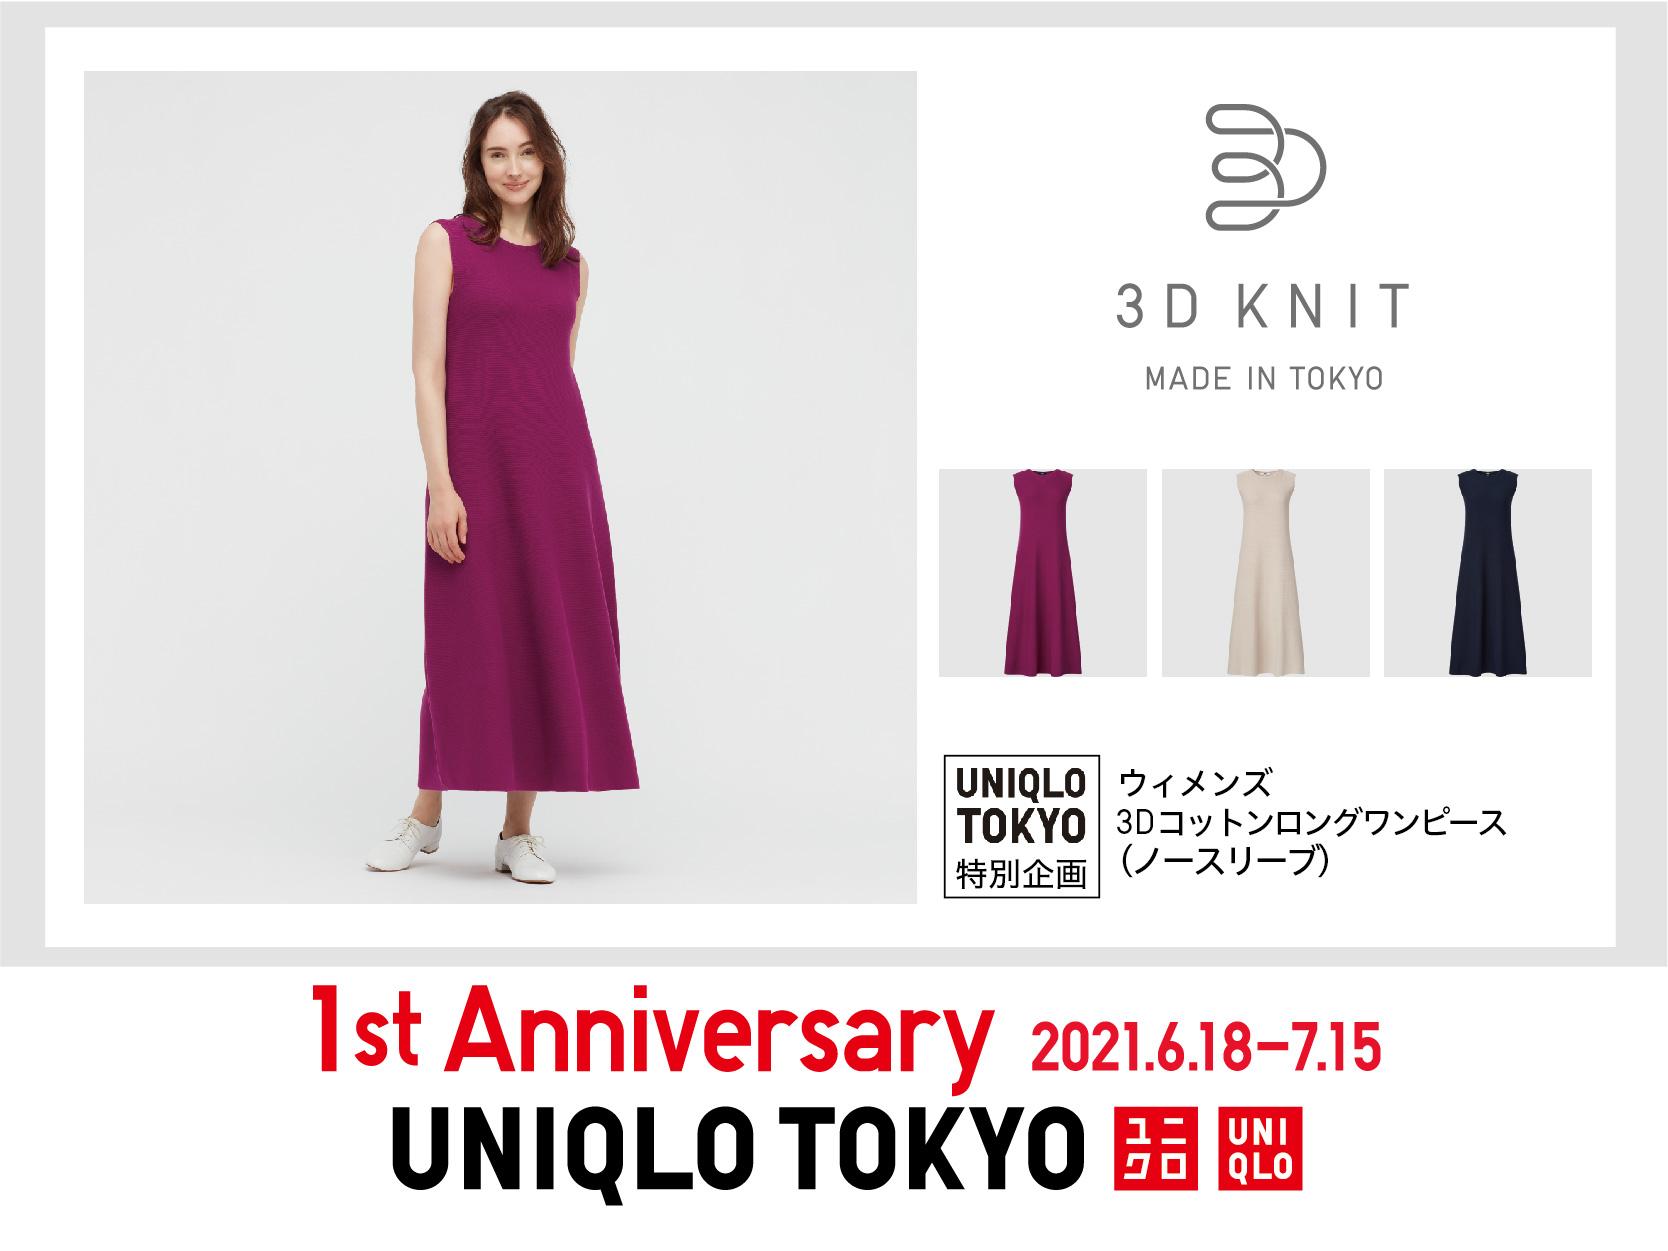 """优衣库母公司尝试内部生产,推出""""东京制造""""的无缝针织商品"""